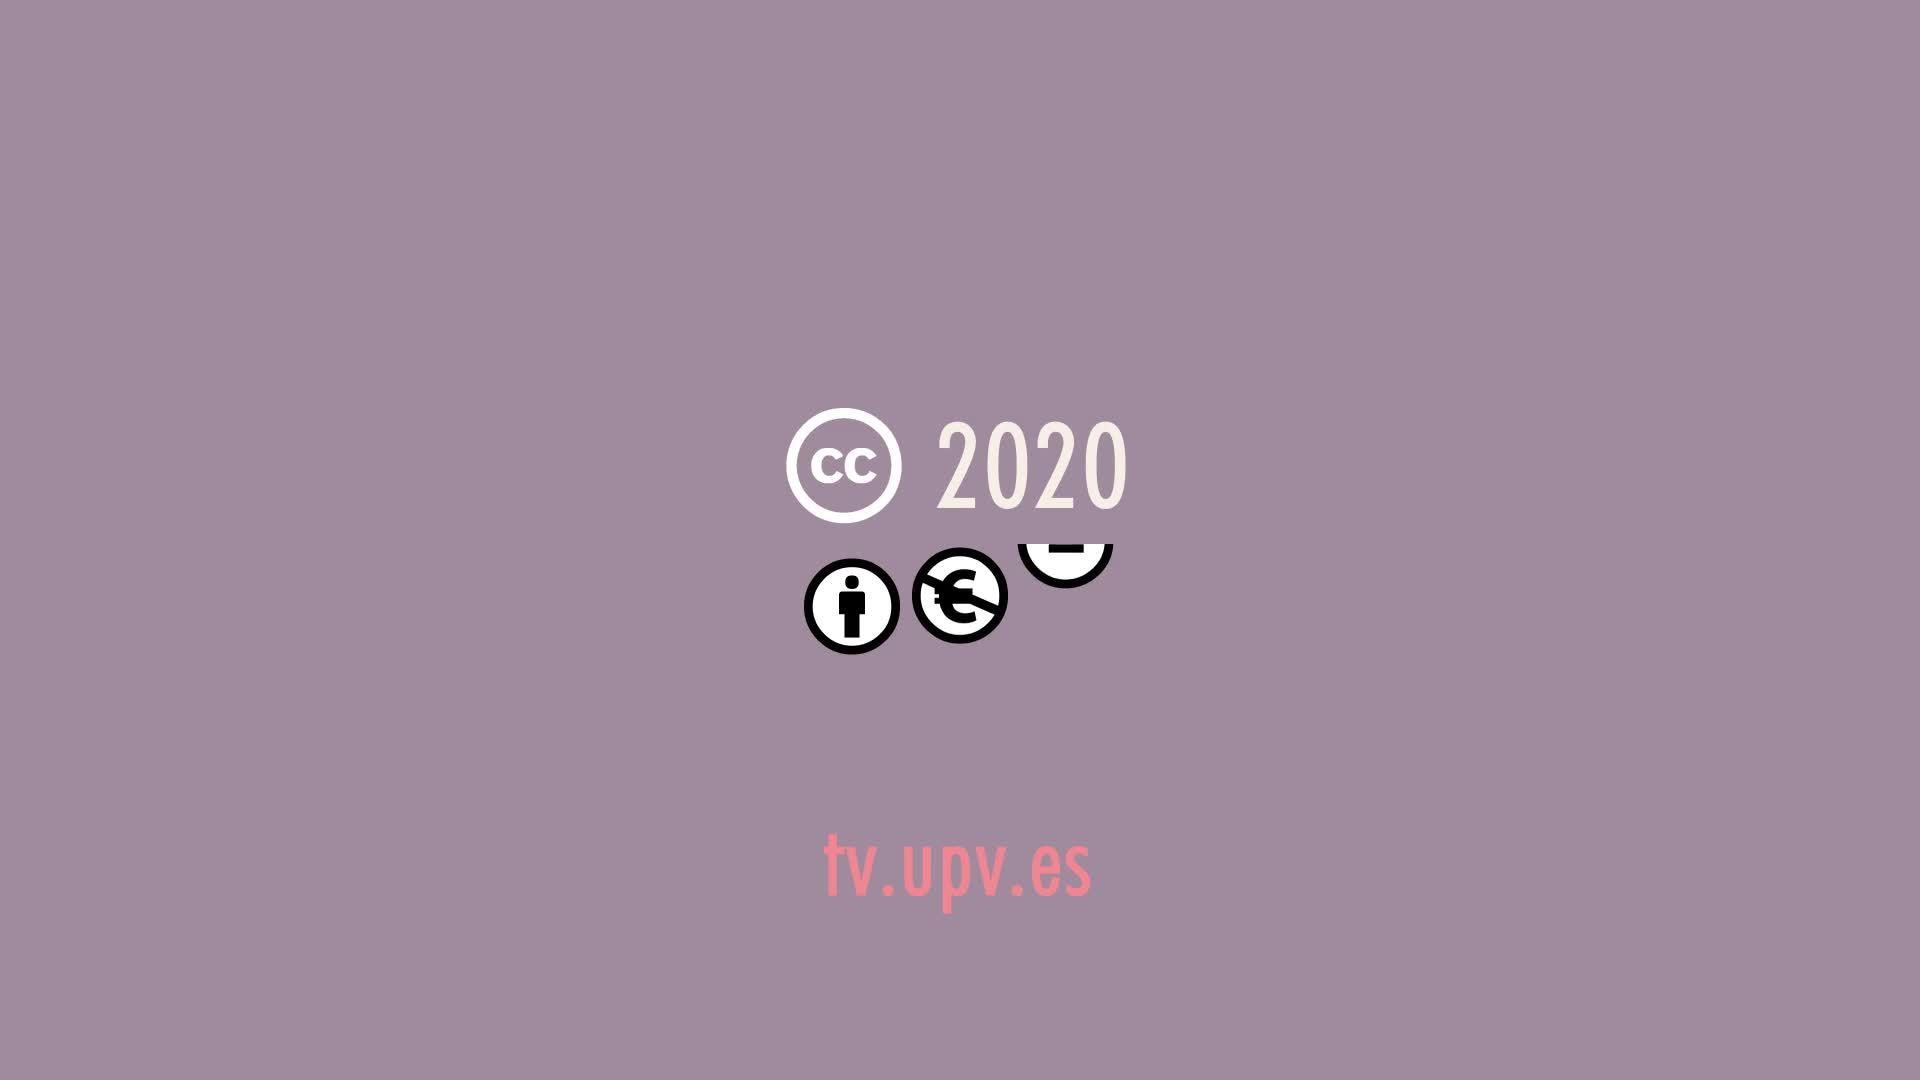 21-04-2020 De Mars500 a COVID-19